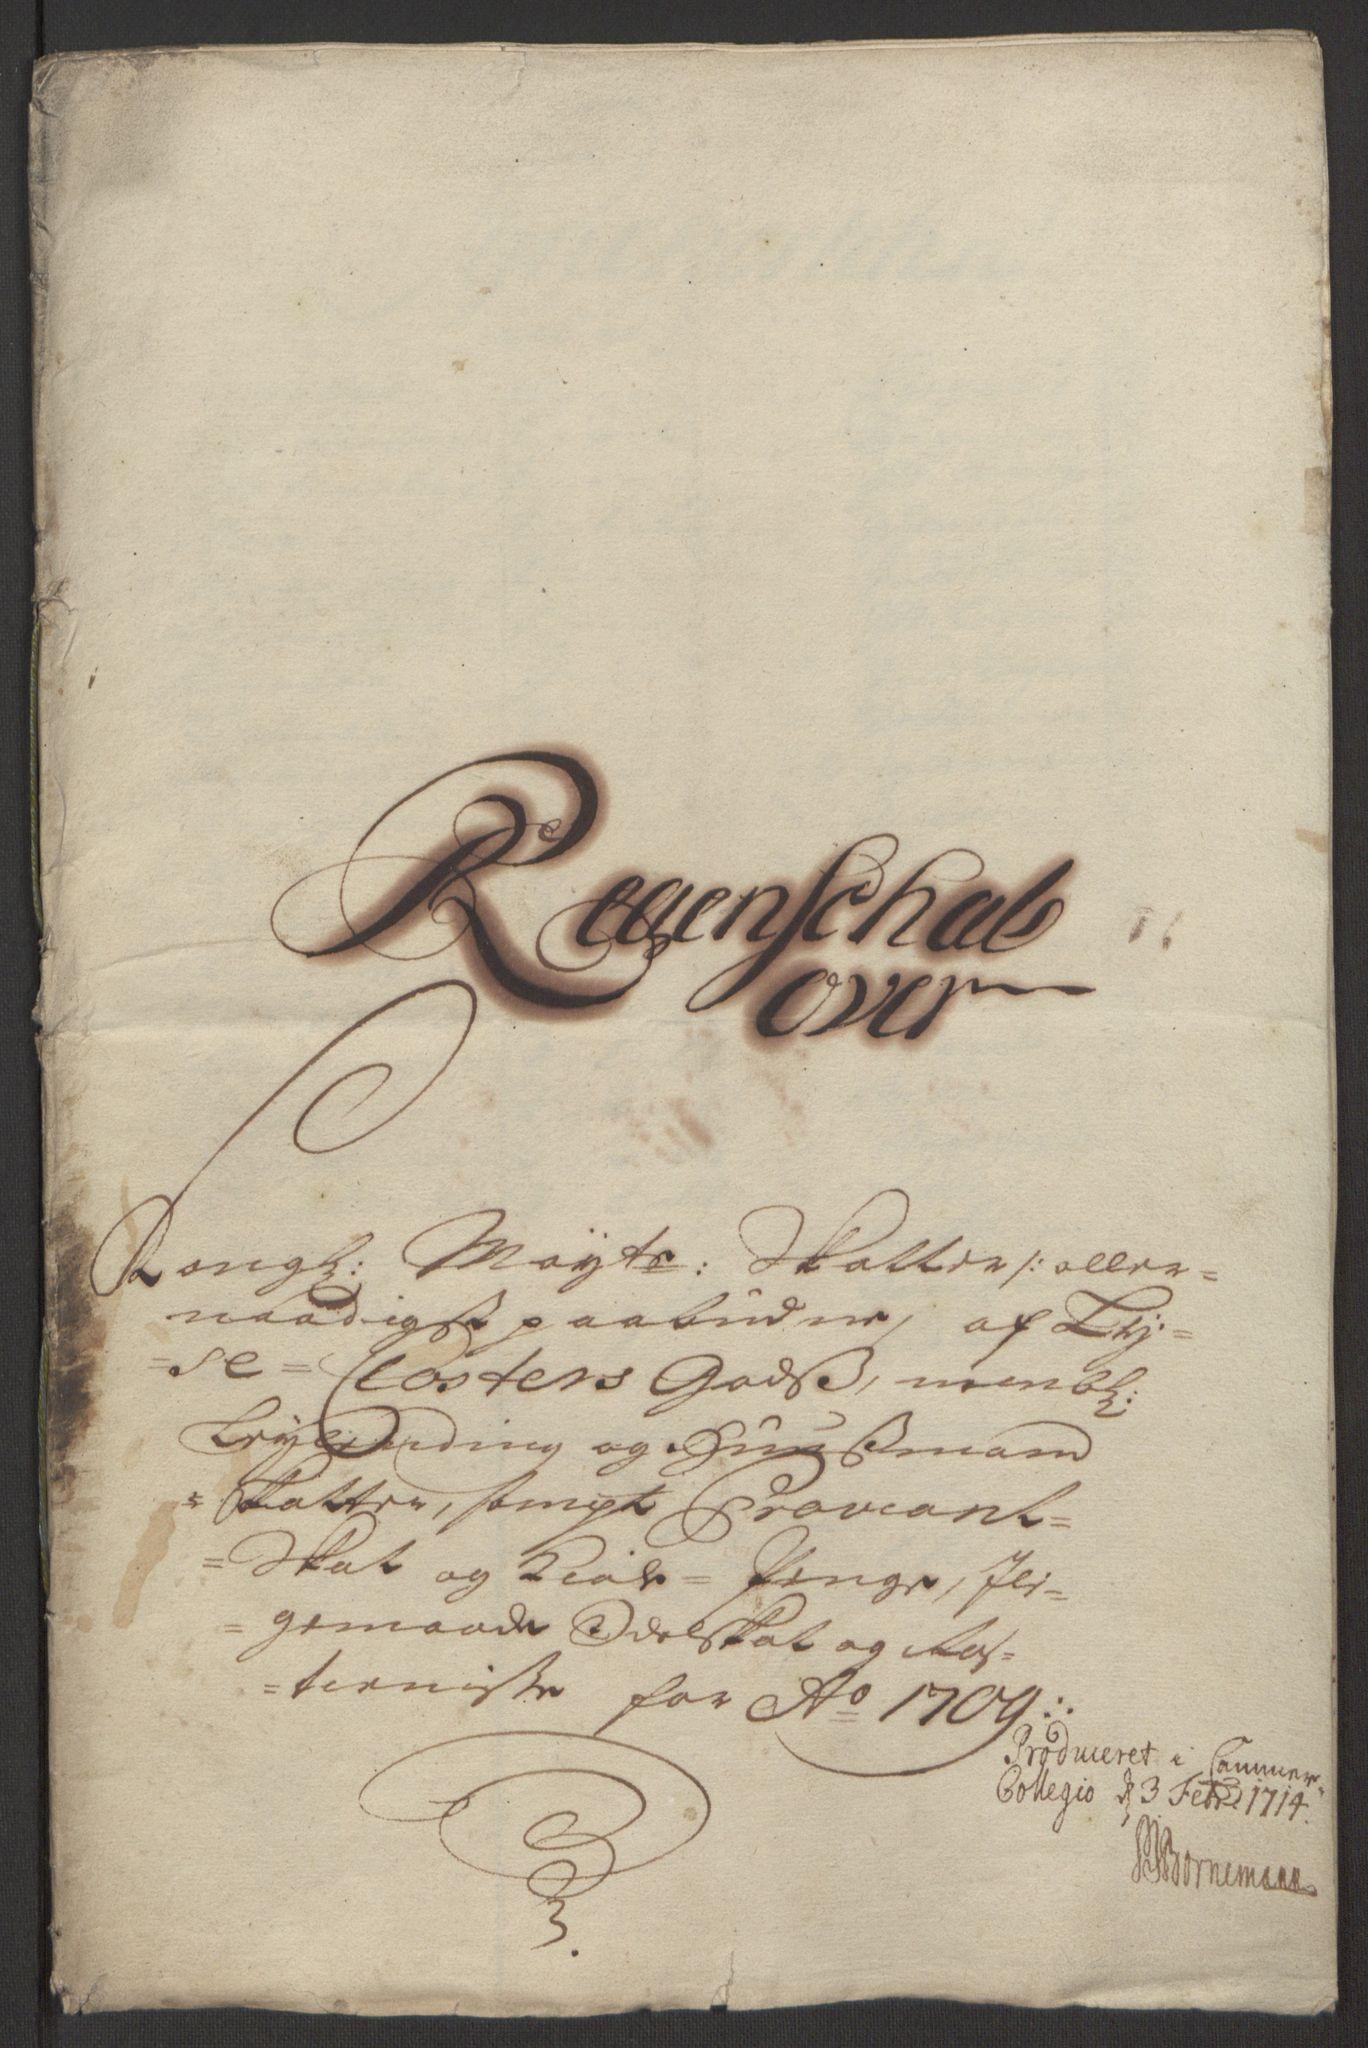 RA, Rentekammeret inntil 1814, Reviderte regnskaper, Fogderegnskap, R50/L3159: Fogderegnskap Lyse kloster, 1691-1709, s. 294